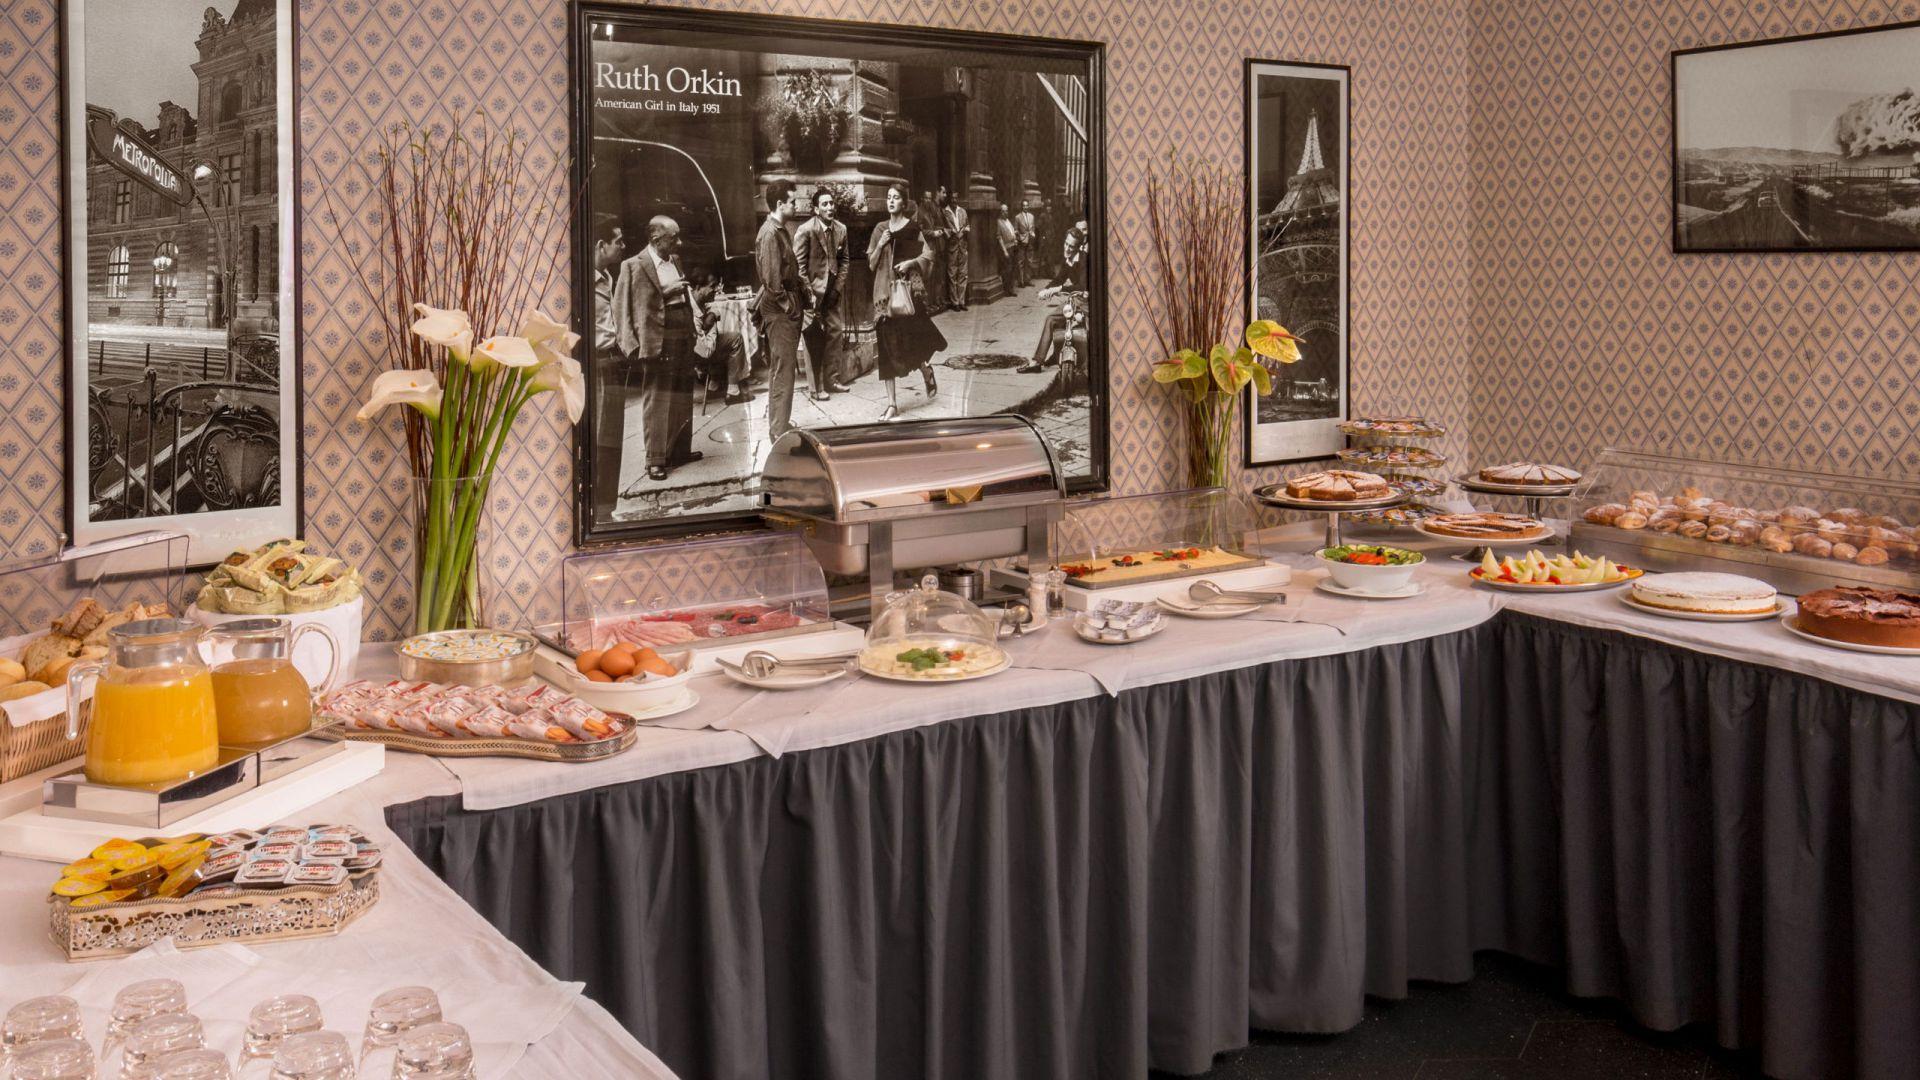 albergo-ottocento-roma-colazione-02